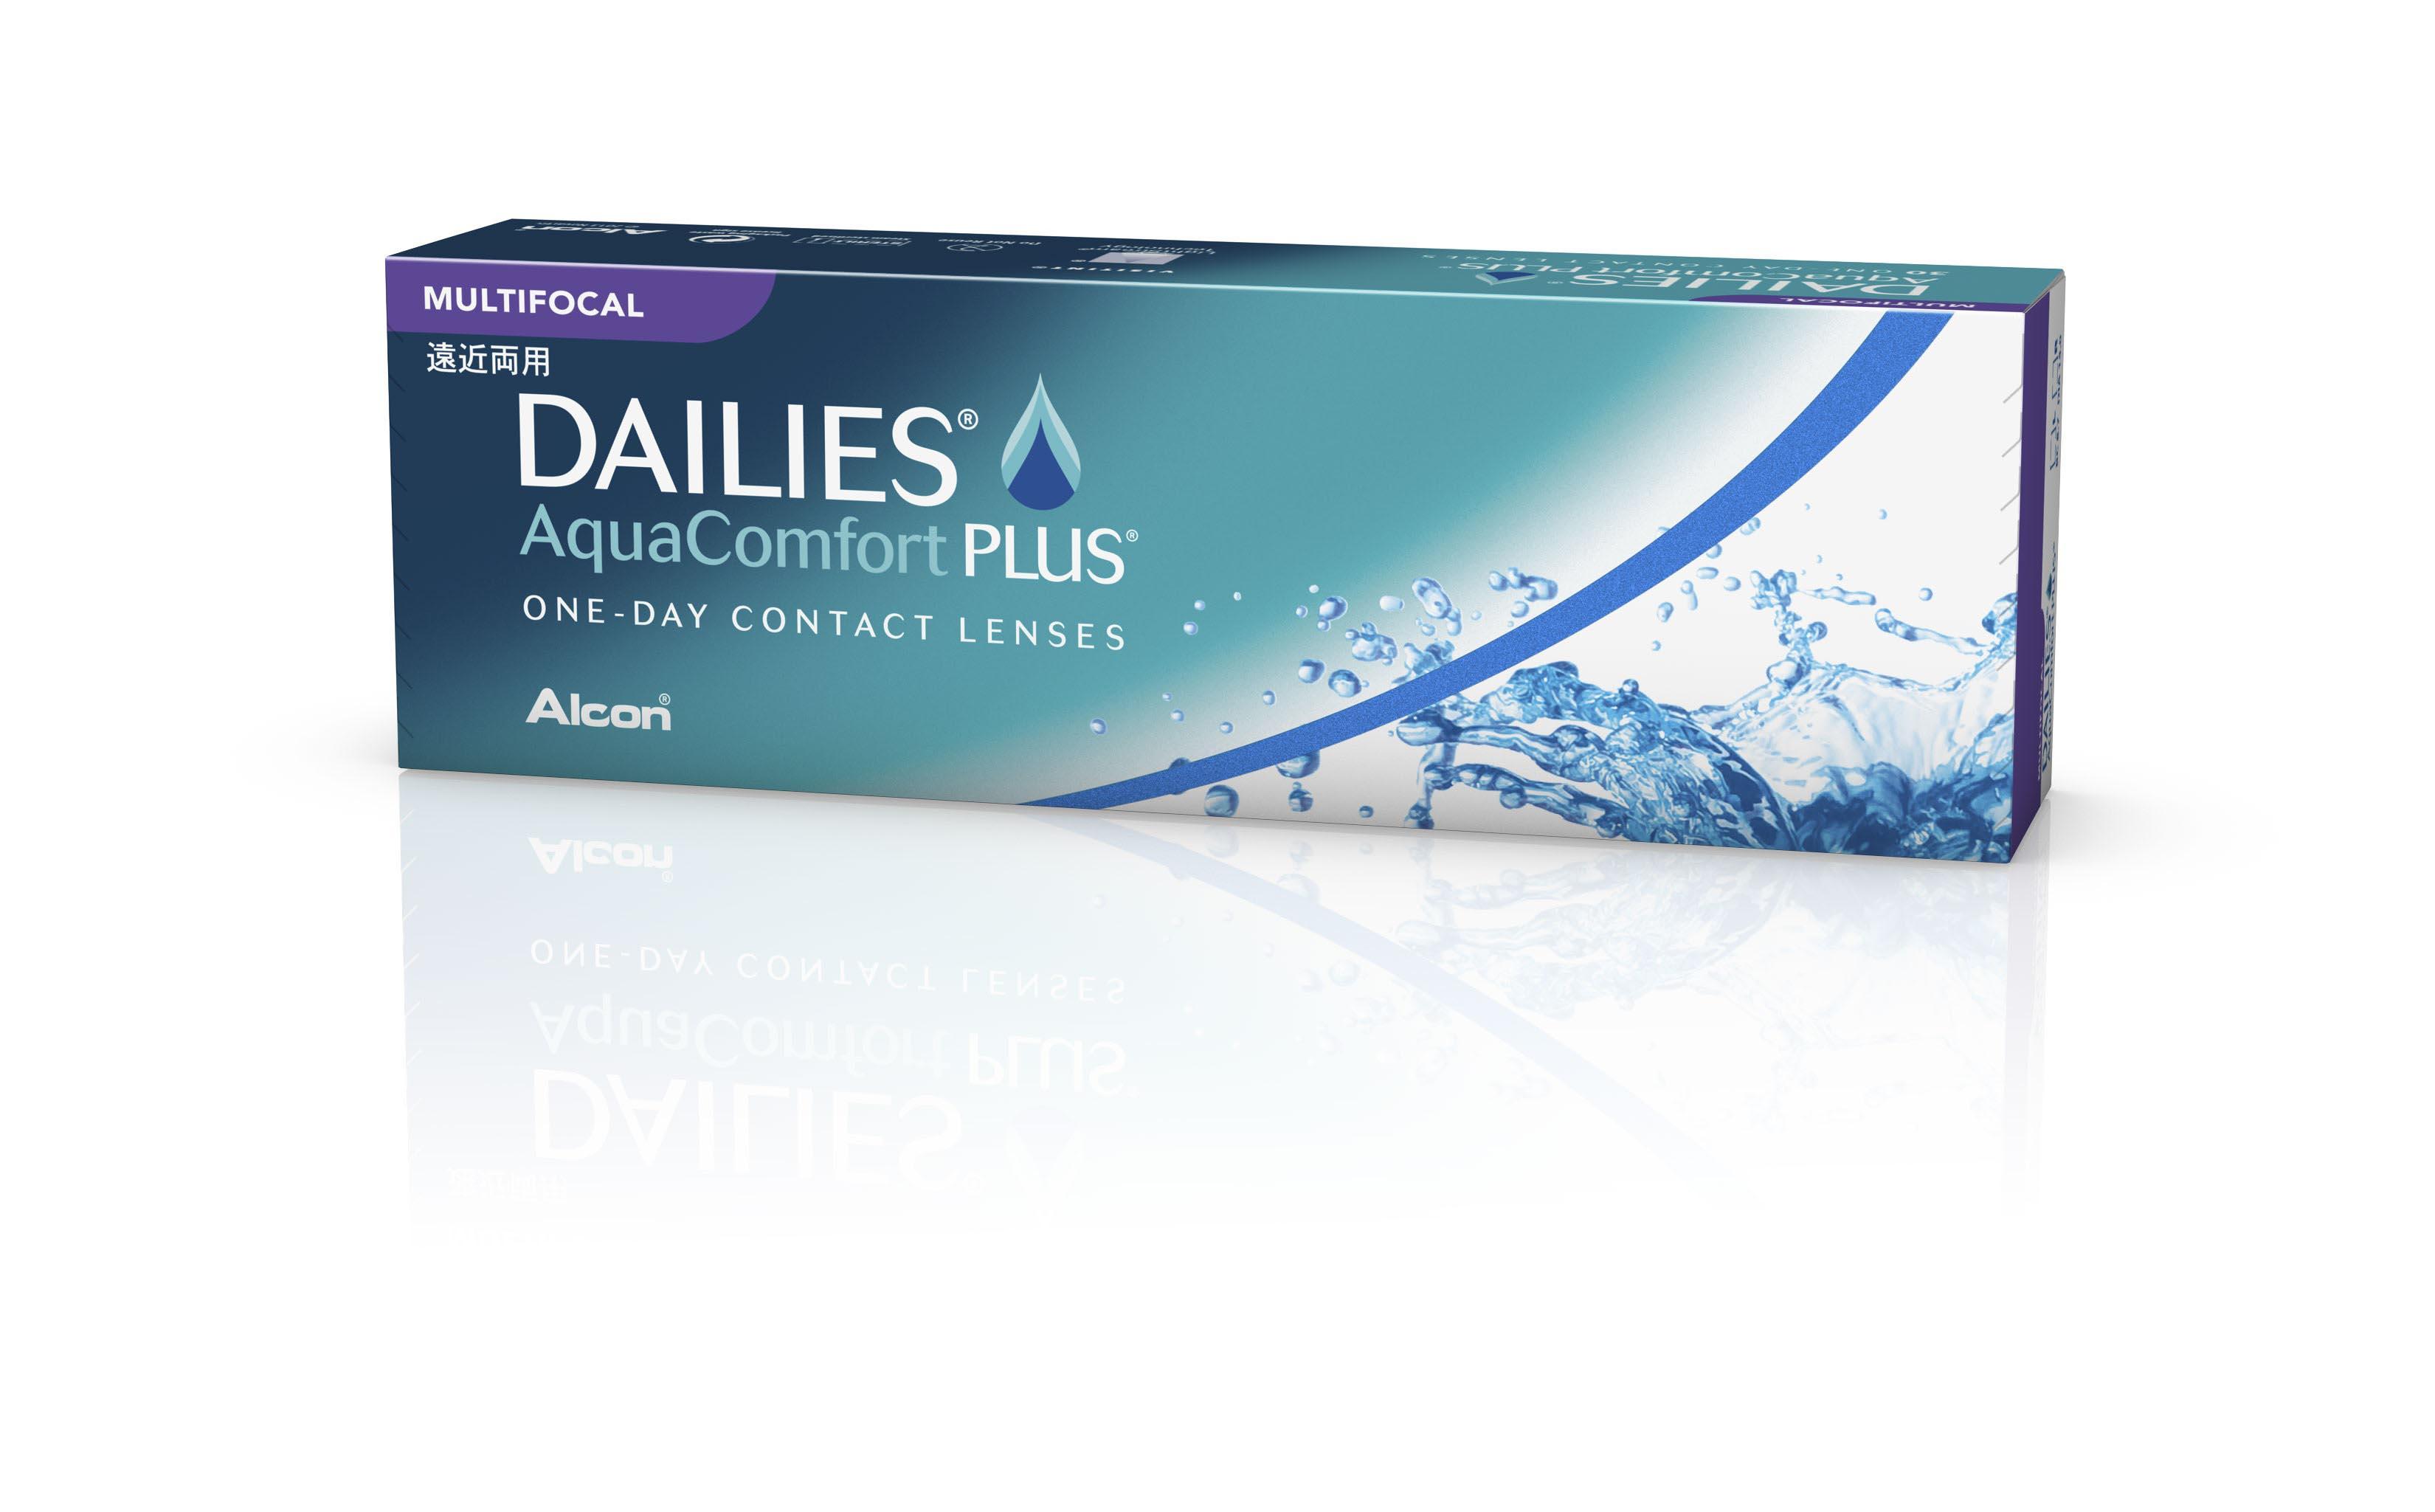 comfort comforter dailies plus aqua lensoptics multifocal lentillas